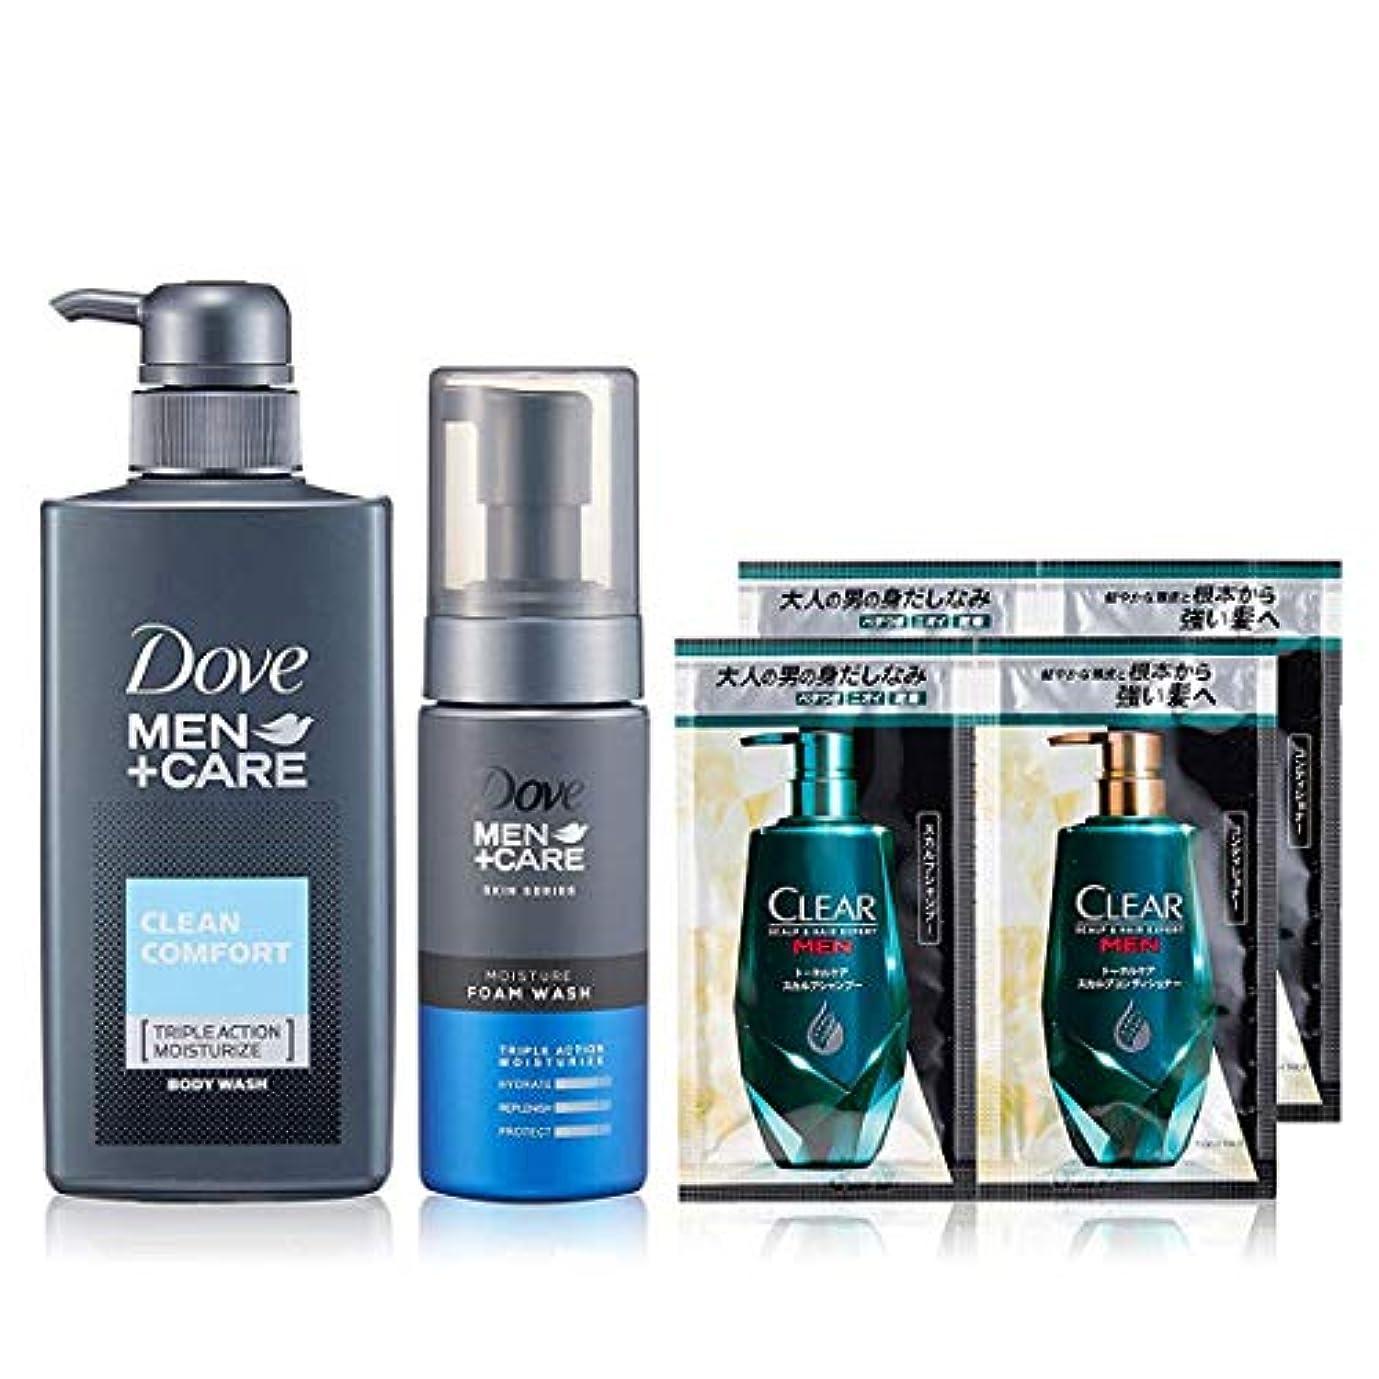 見通しはがき例外【Amazon.co.jp限定】 Dove(ダヴ) ダヴメンボディ + ダヴメン泡洗顔 +おまけ付 400g+140ml+おまけ